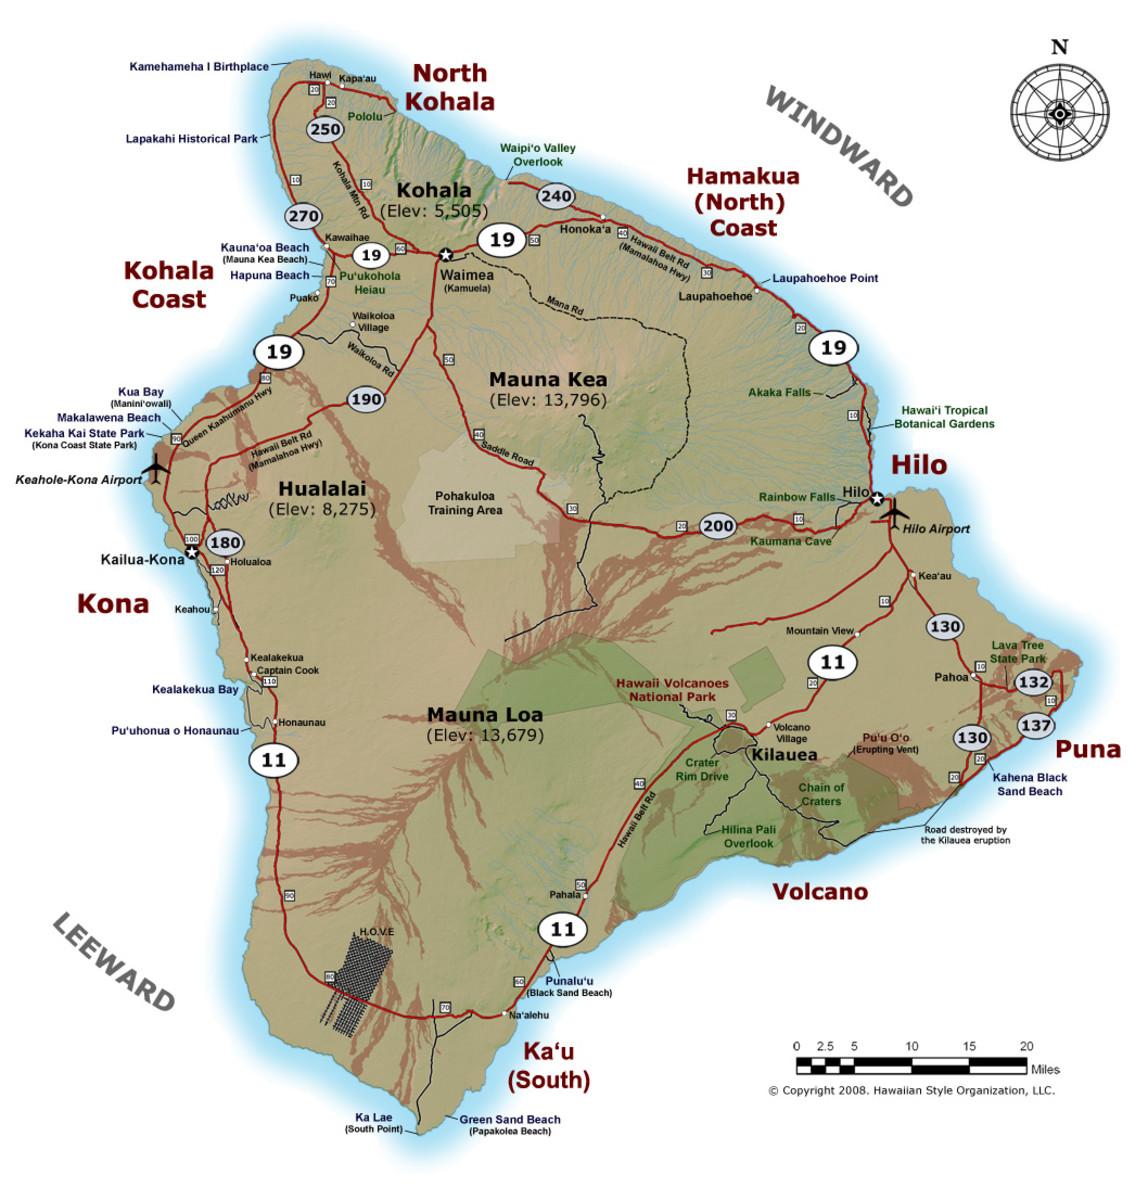 Detailed map of Big Island of Hawai'i